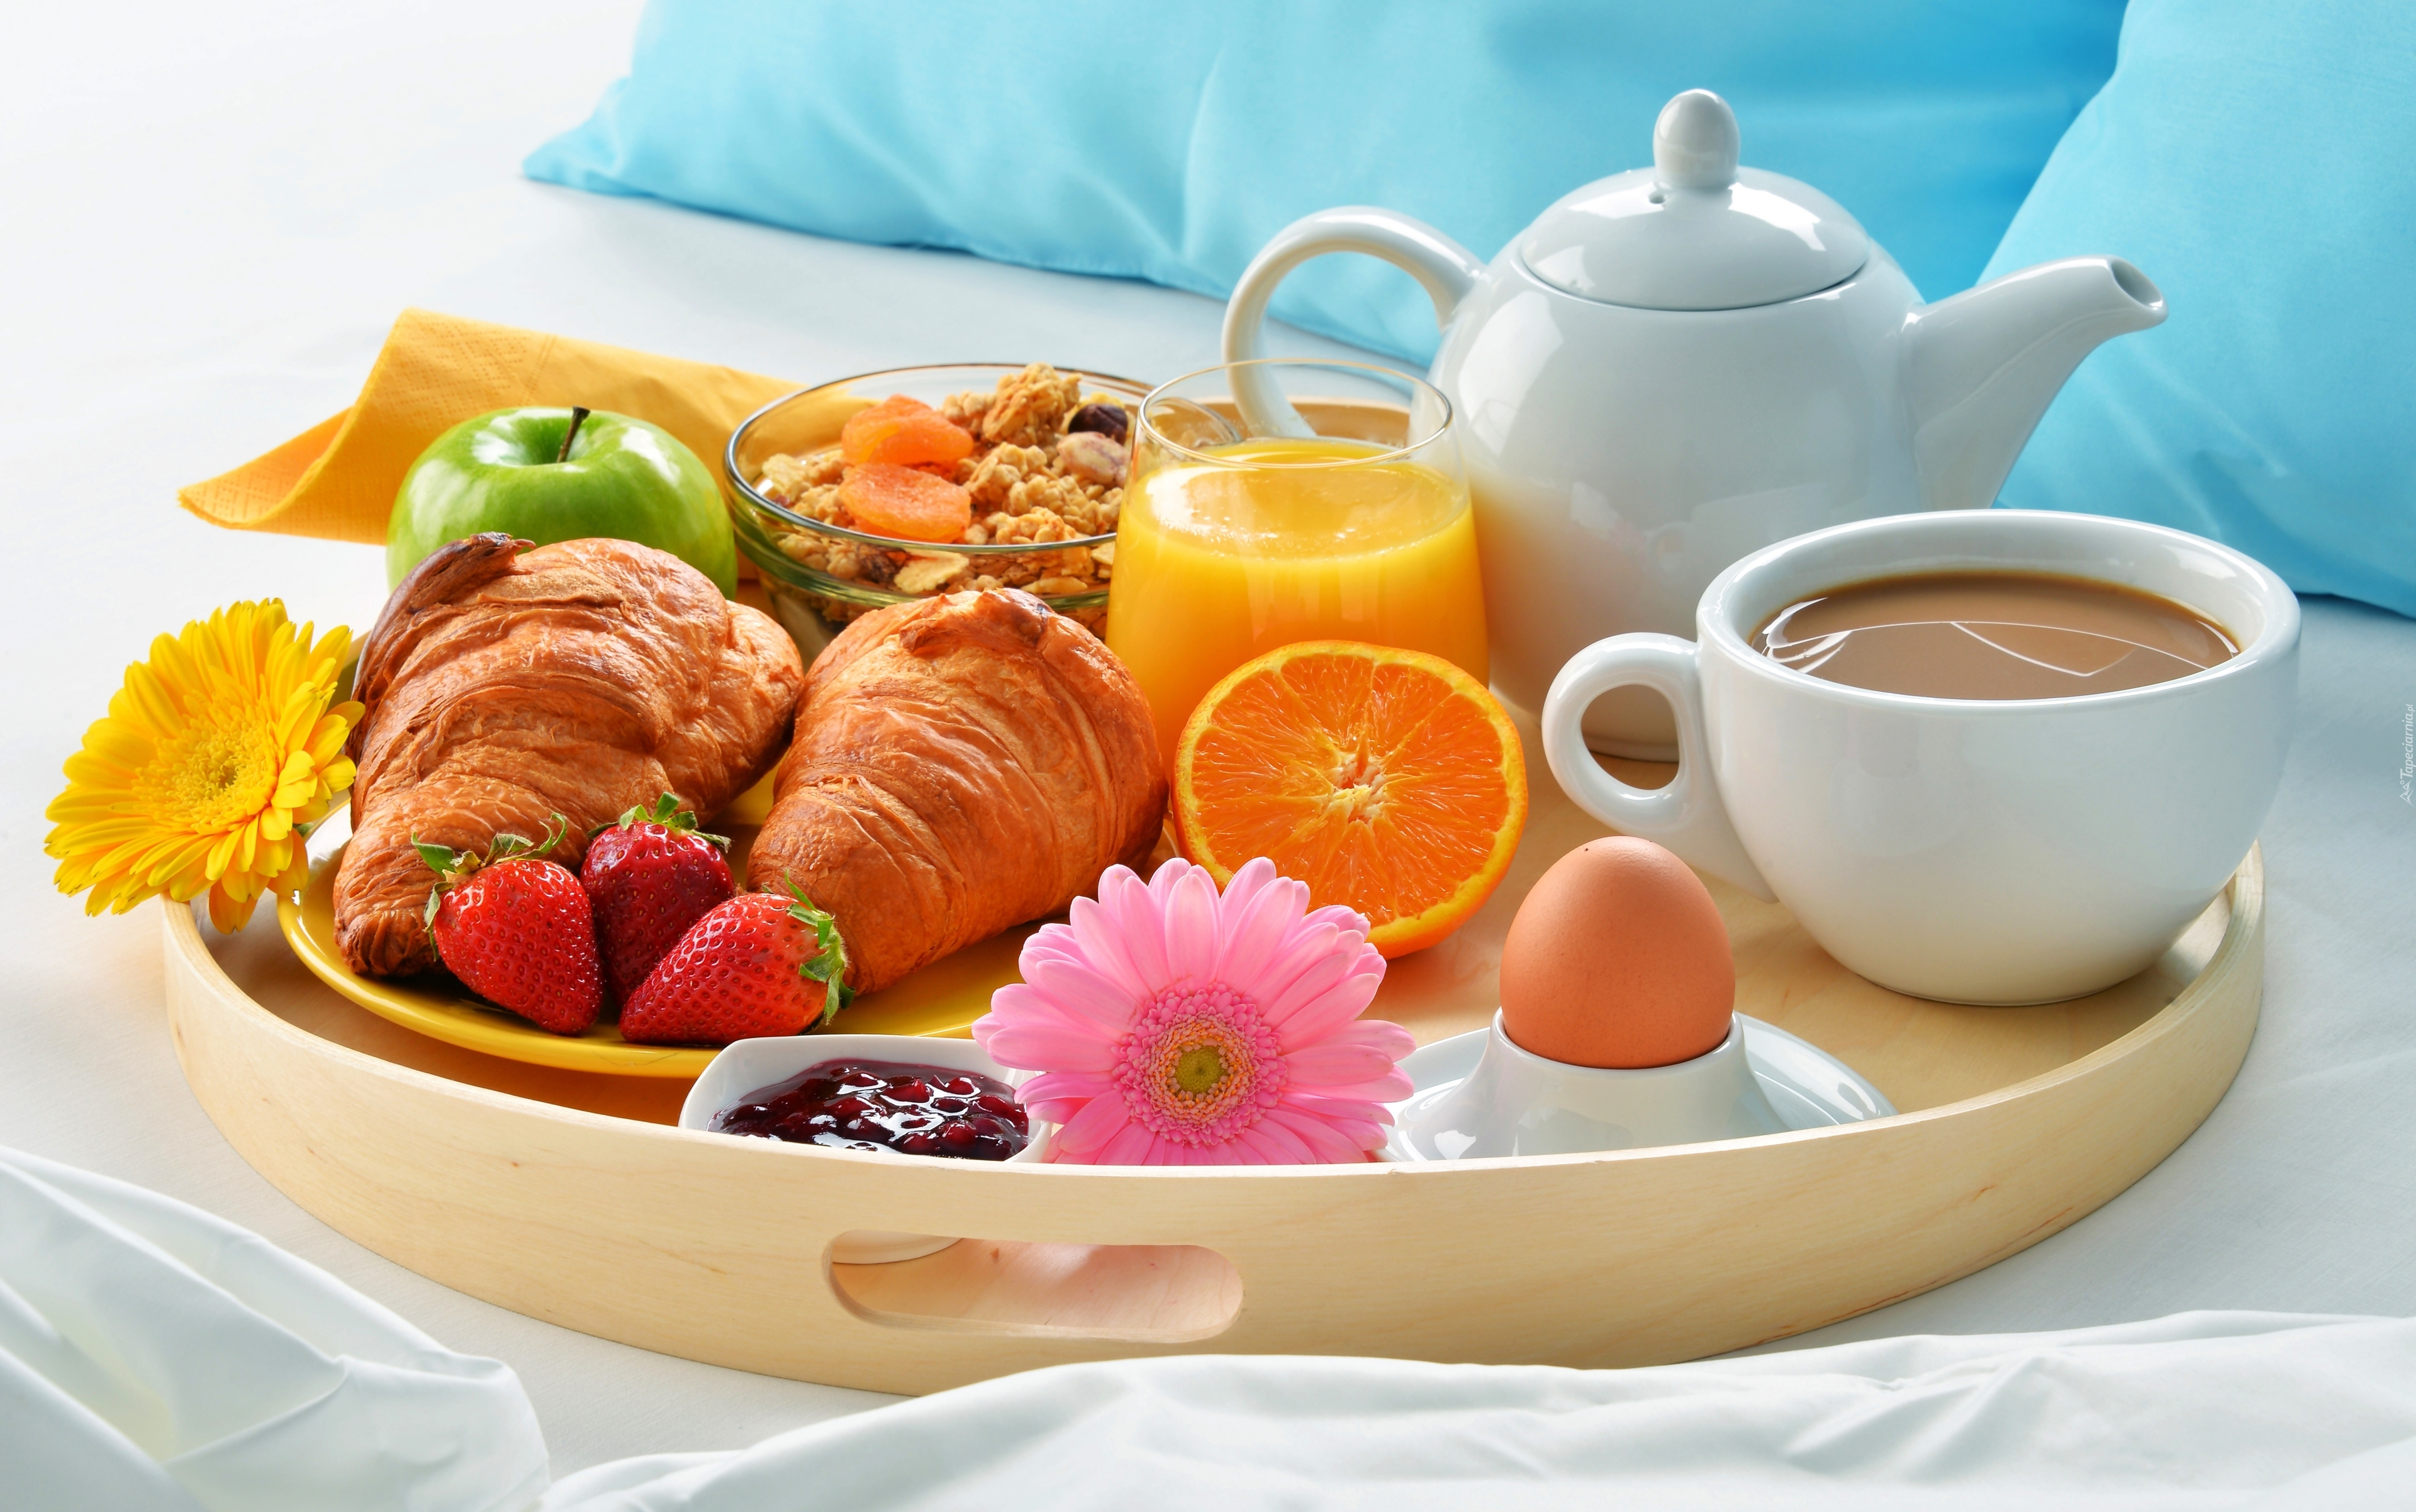 tapeta-zestaw-sniadaniowy-podany-na-tacy.jpg